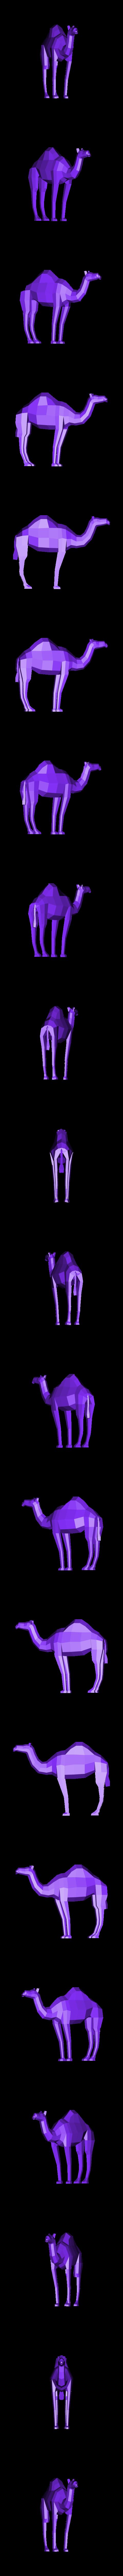 Mesh_Camel.obj Download free OBJ file Camel • 3D printing model, Colorful3D